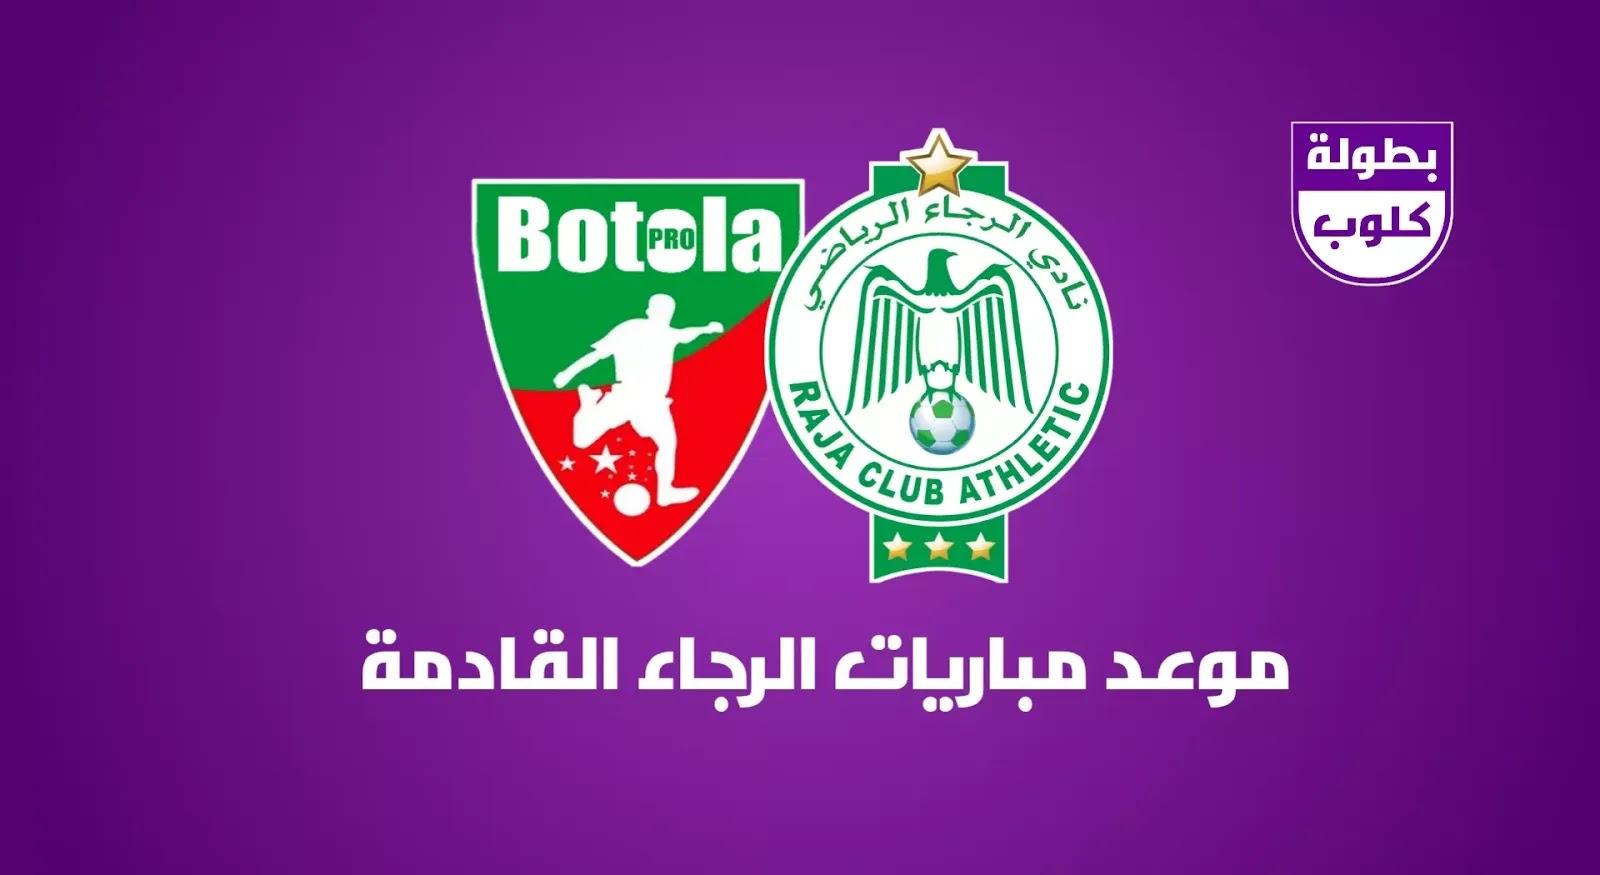 موعد مباريات الرجاء البيضاوي القادمة في البطولة الوطنية